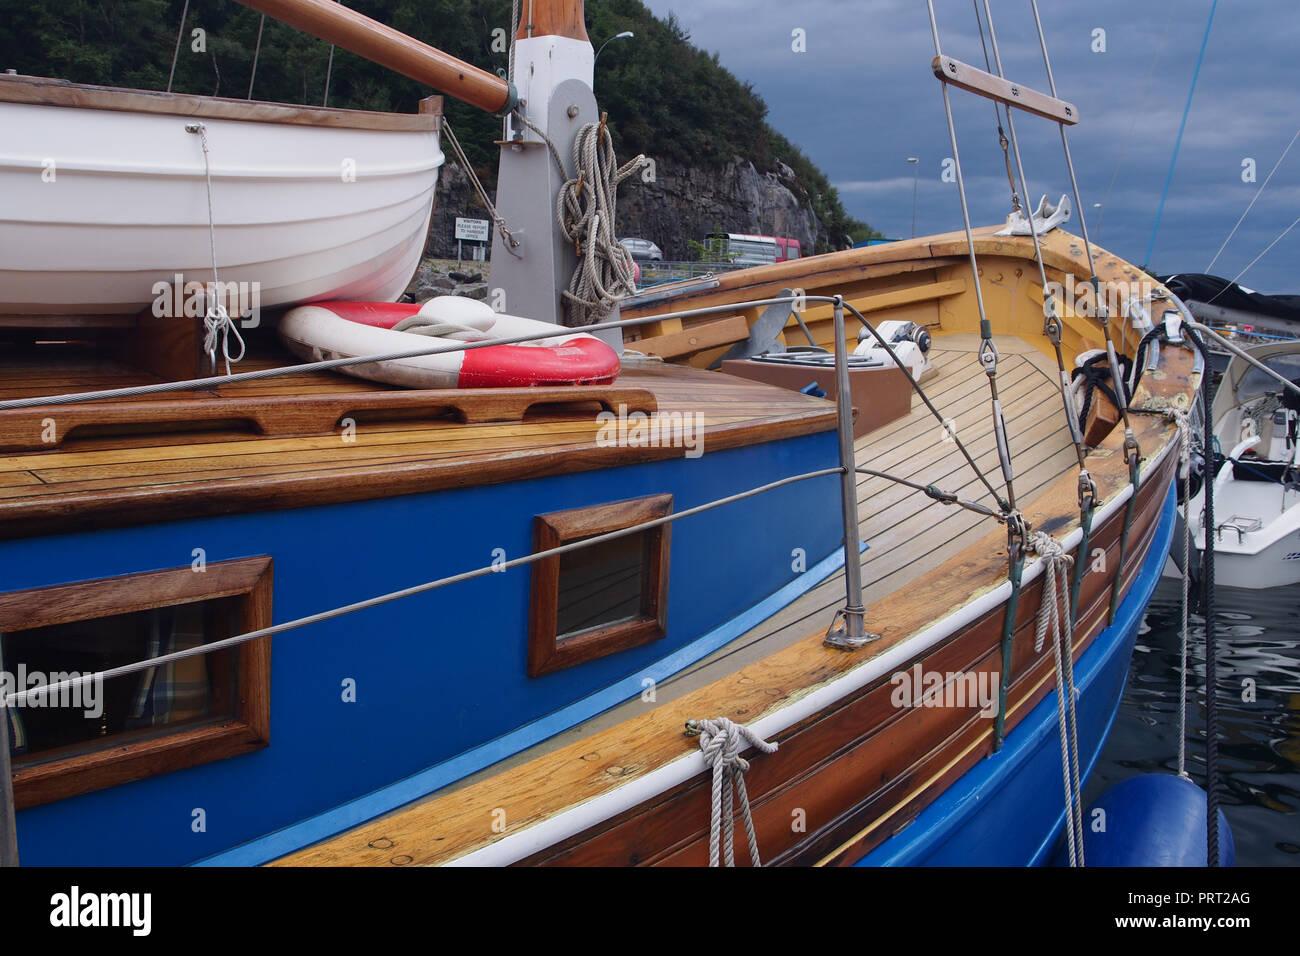 Fabulous Ein neu renoviertes Holz Boot sehr schön restauriert und lackiert BU27